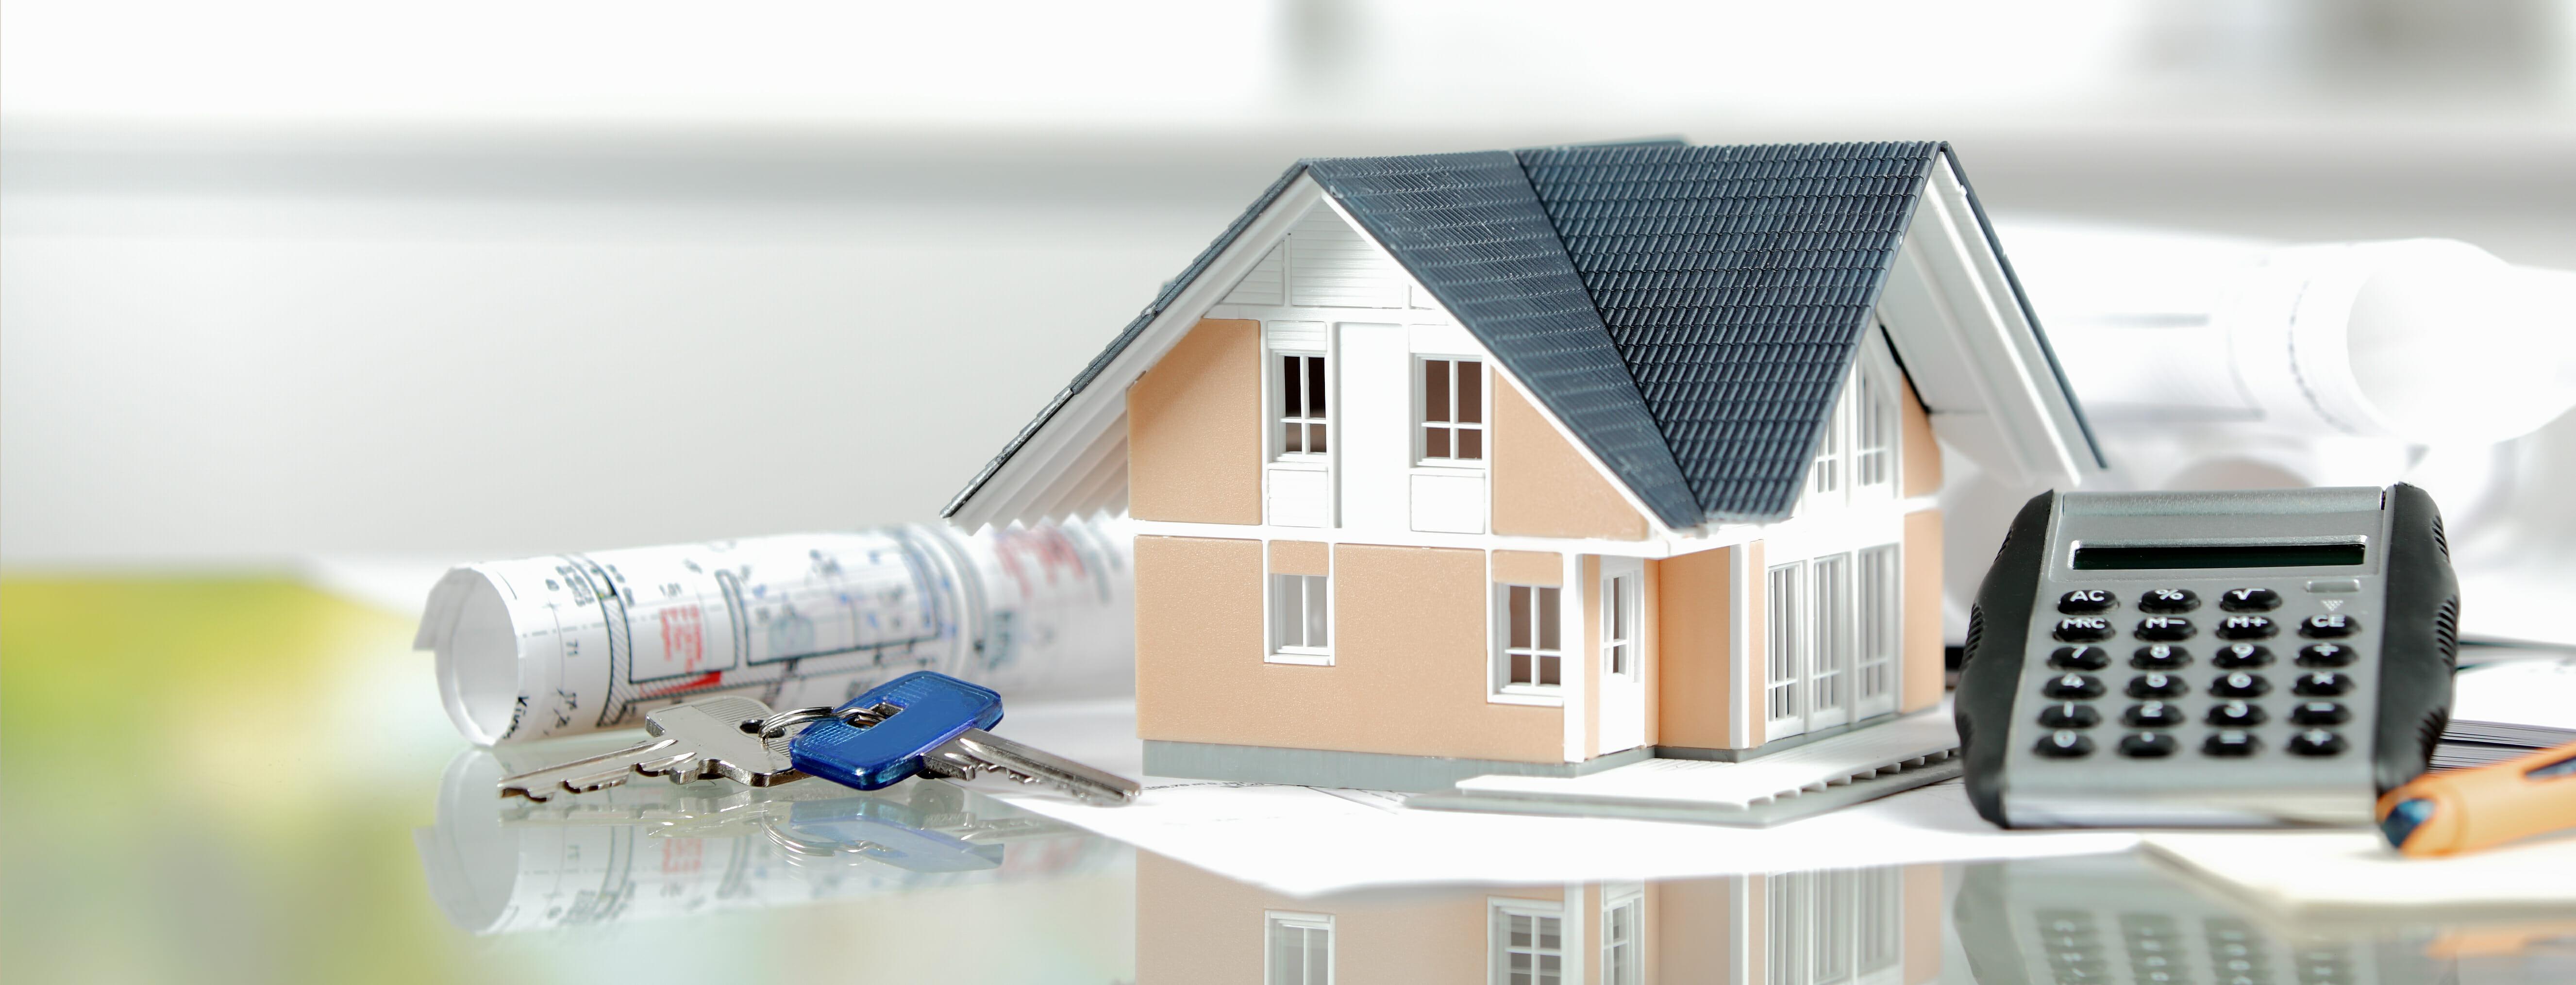 hypotheek verhogen voor verbouwing ing